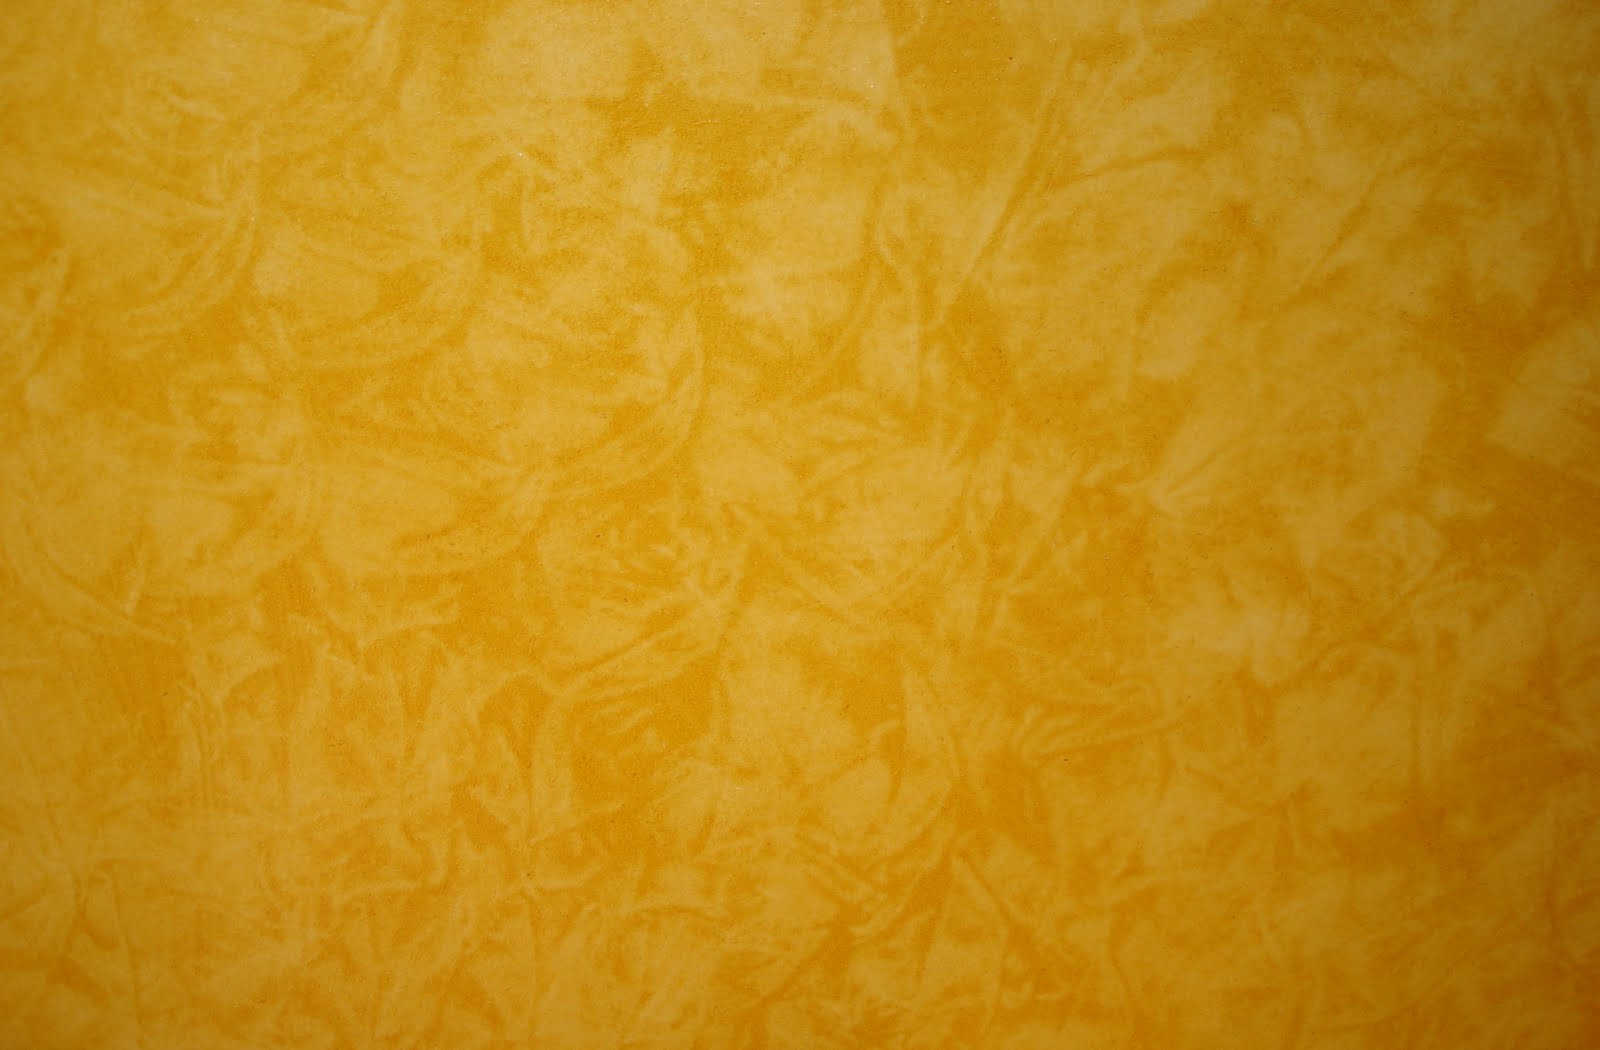 Aerografia y decoraci n pintura decorativa para paredes - Pintura decorativa para paredes ...